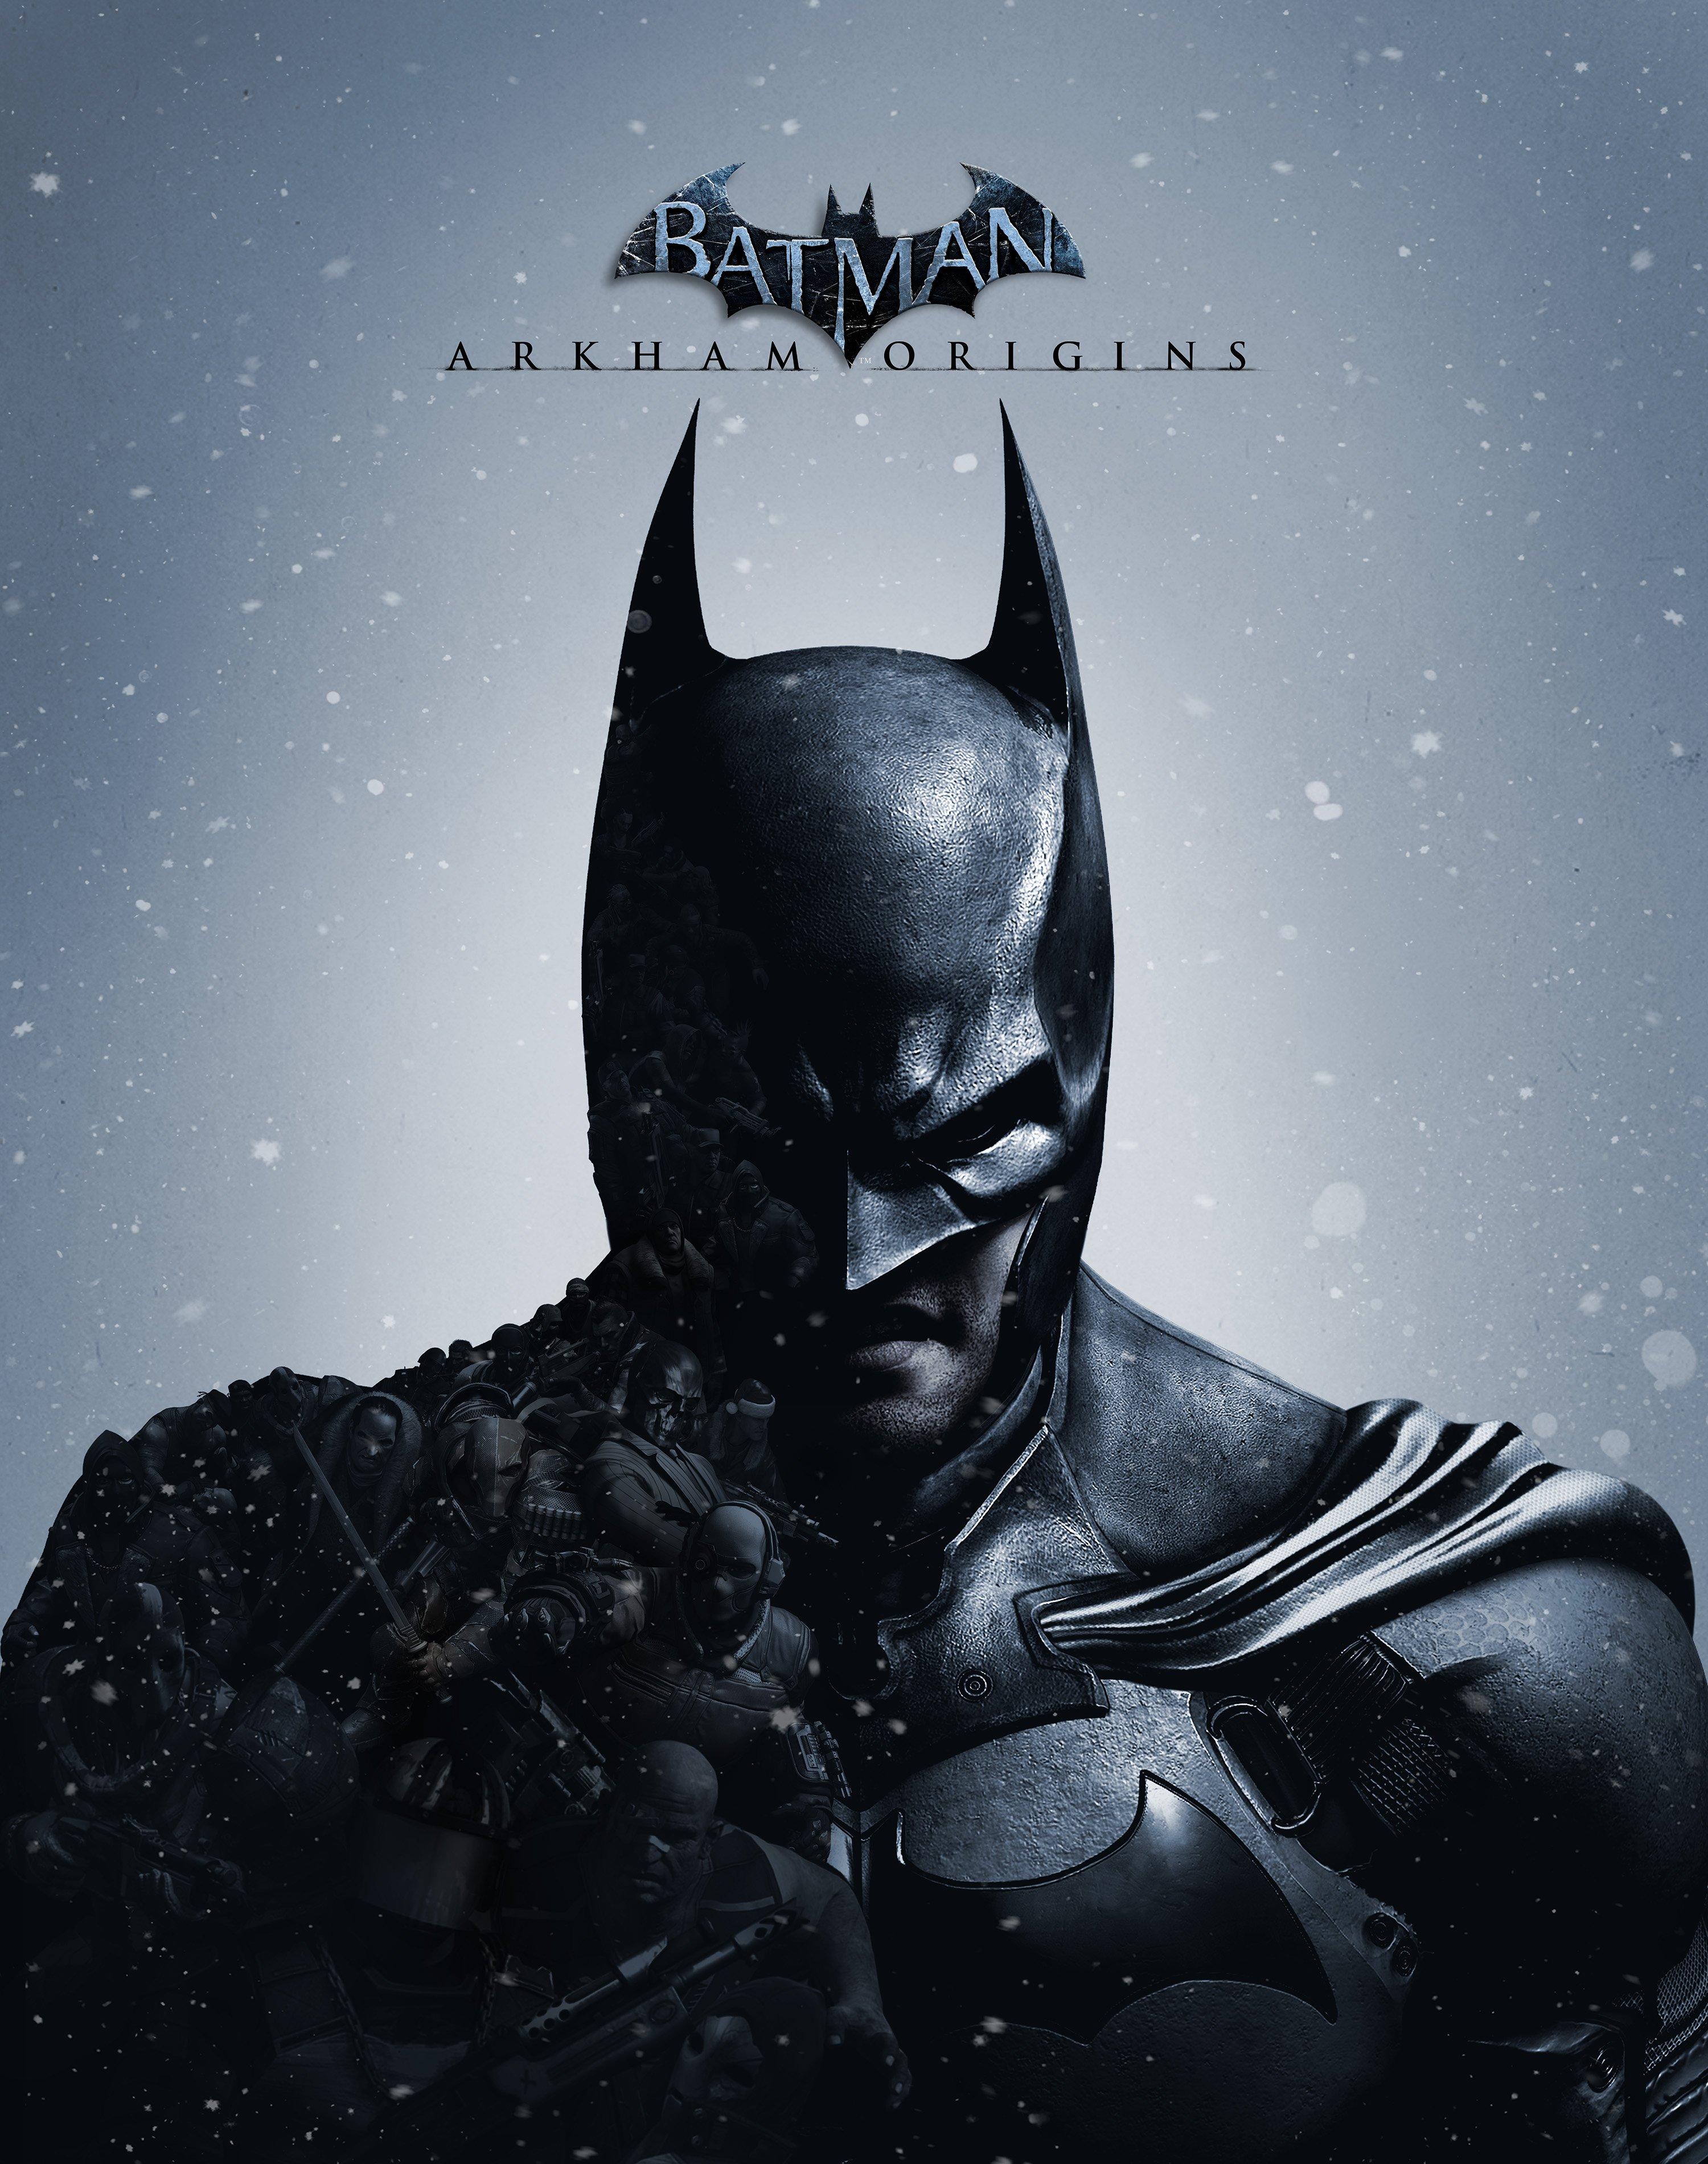 Начался бета-тест Batman: Arkham Origins  За мультиплеер Batman: Arkham Origins отвечает команда Splash Damage, кото .... - Изображение 1